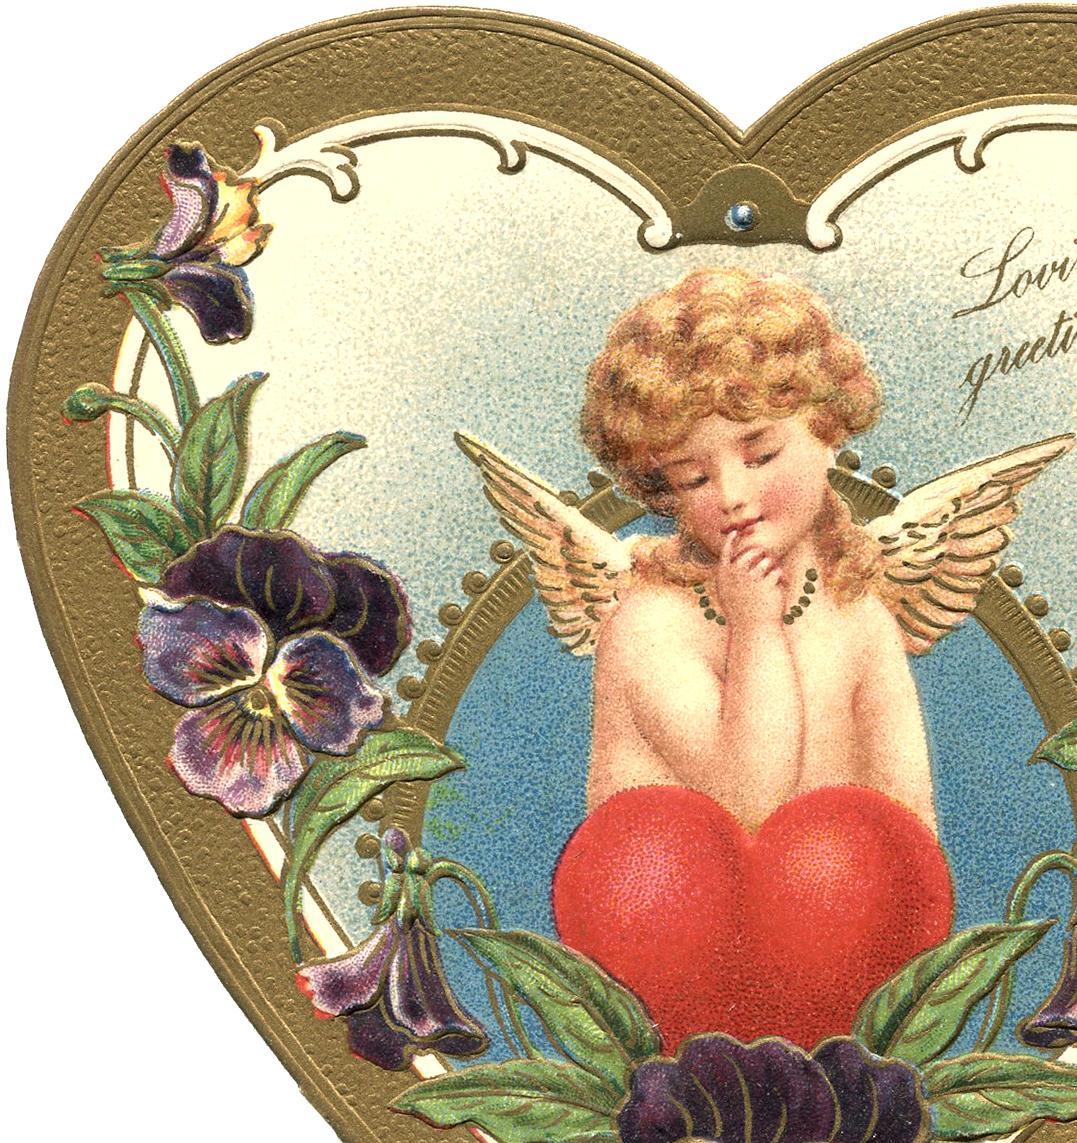 Victorian Valentine Image.